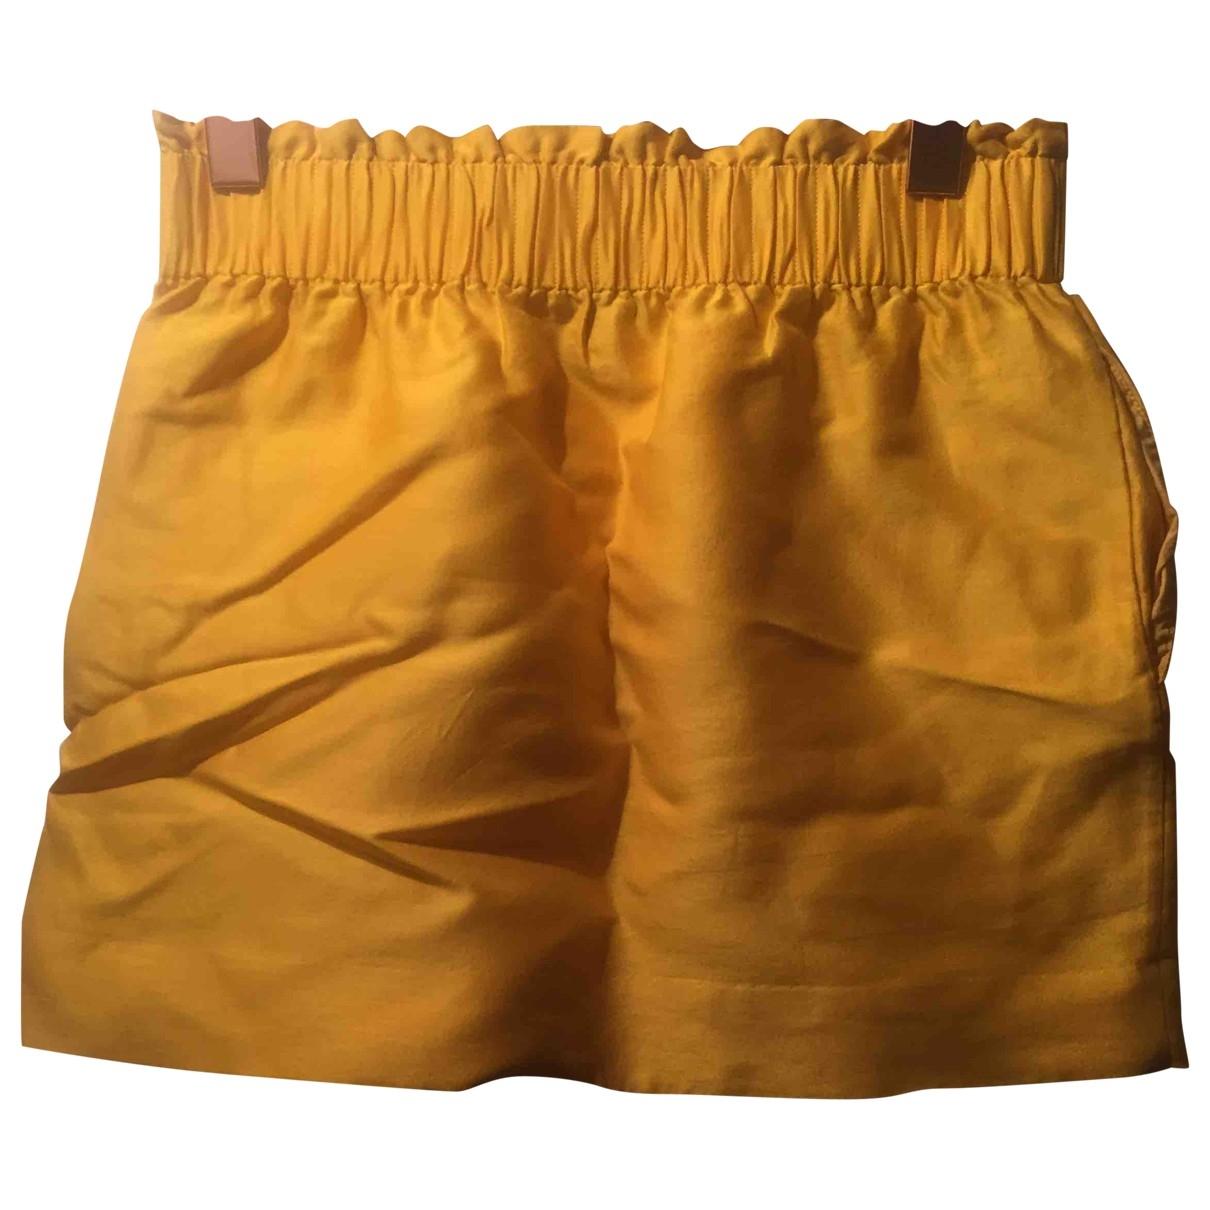 Cos \N Rocke in  Gelb Wolle